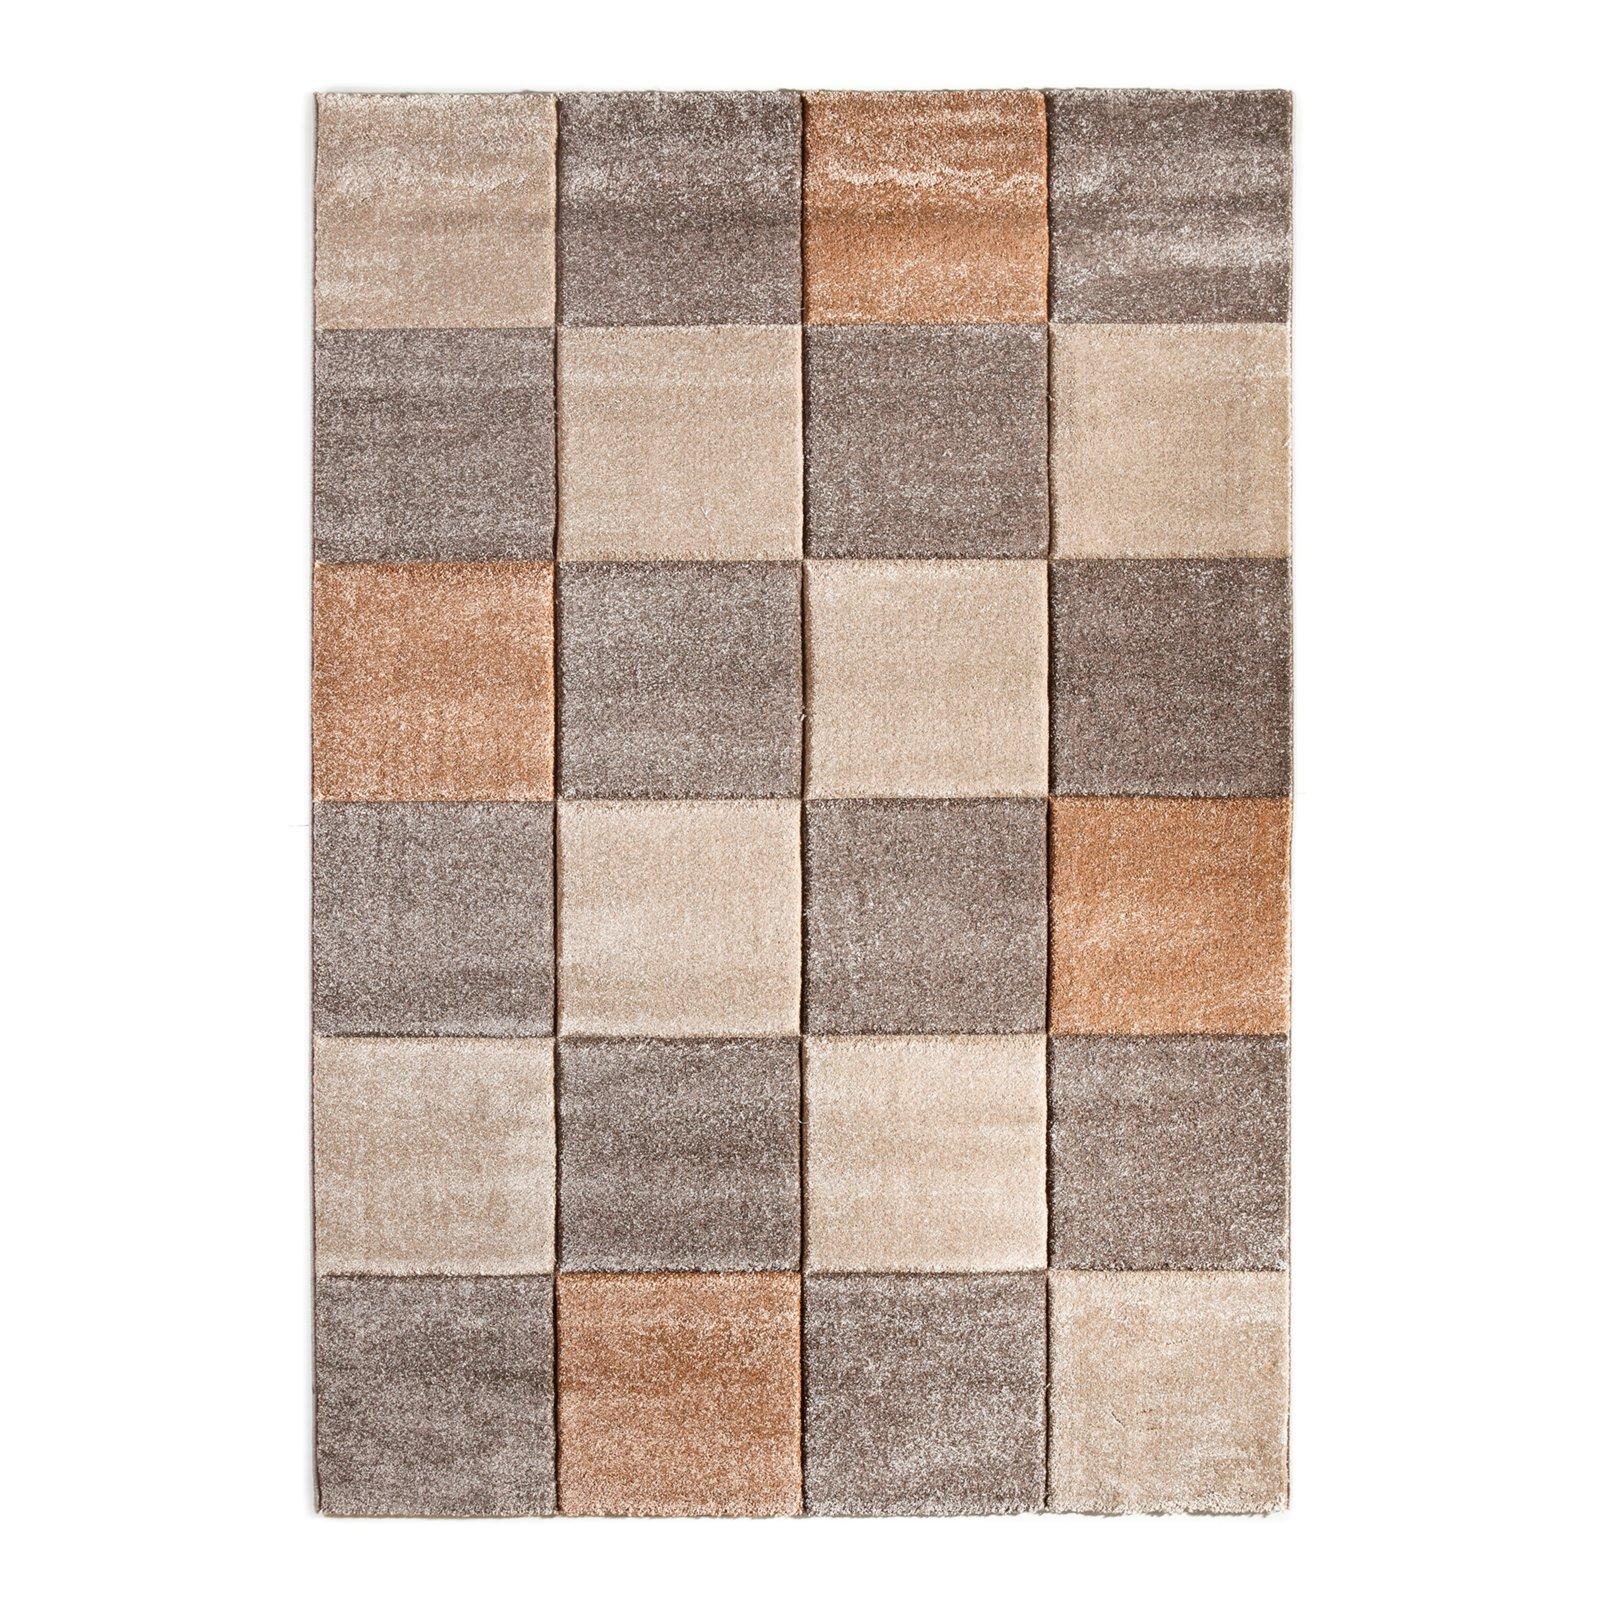 teppich bordeaux karo braun beige 160x230 cm gemusterte teppiche teppiche l ufer. Black Bedroom Furniture Sets. Home Design Ideas